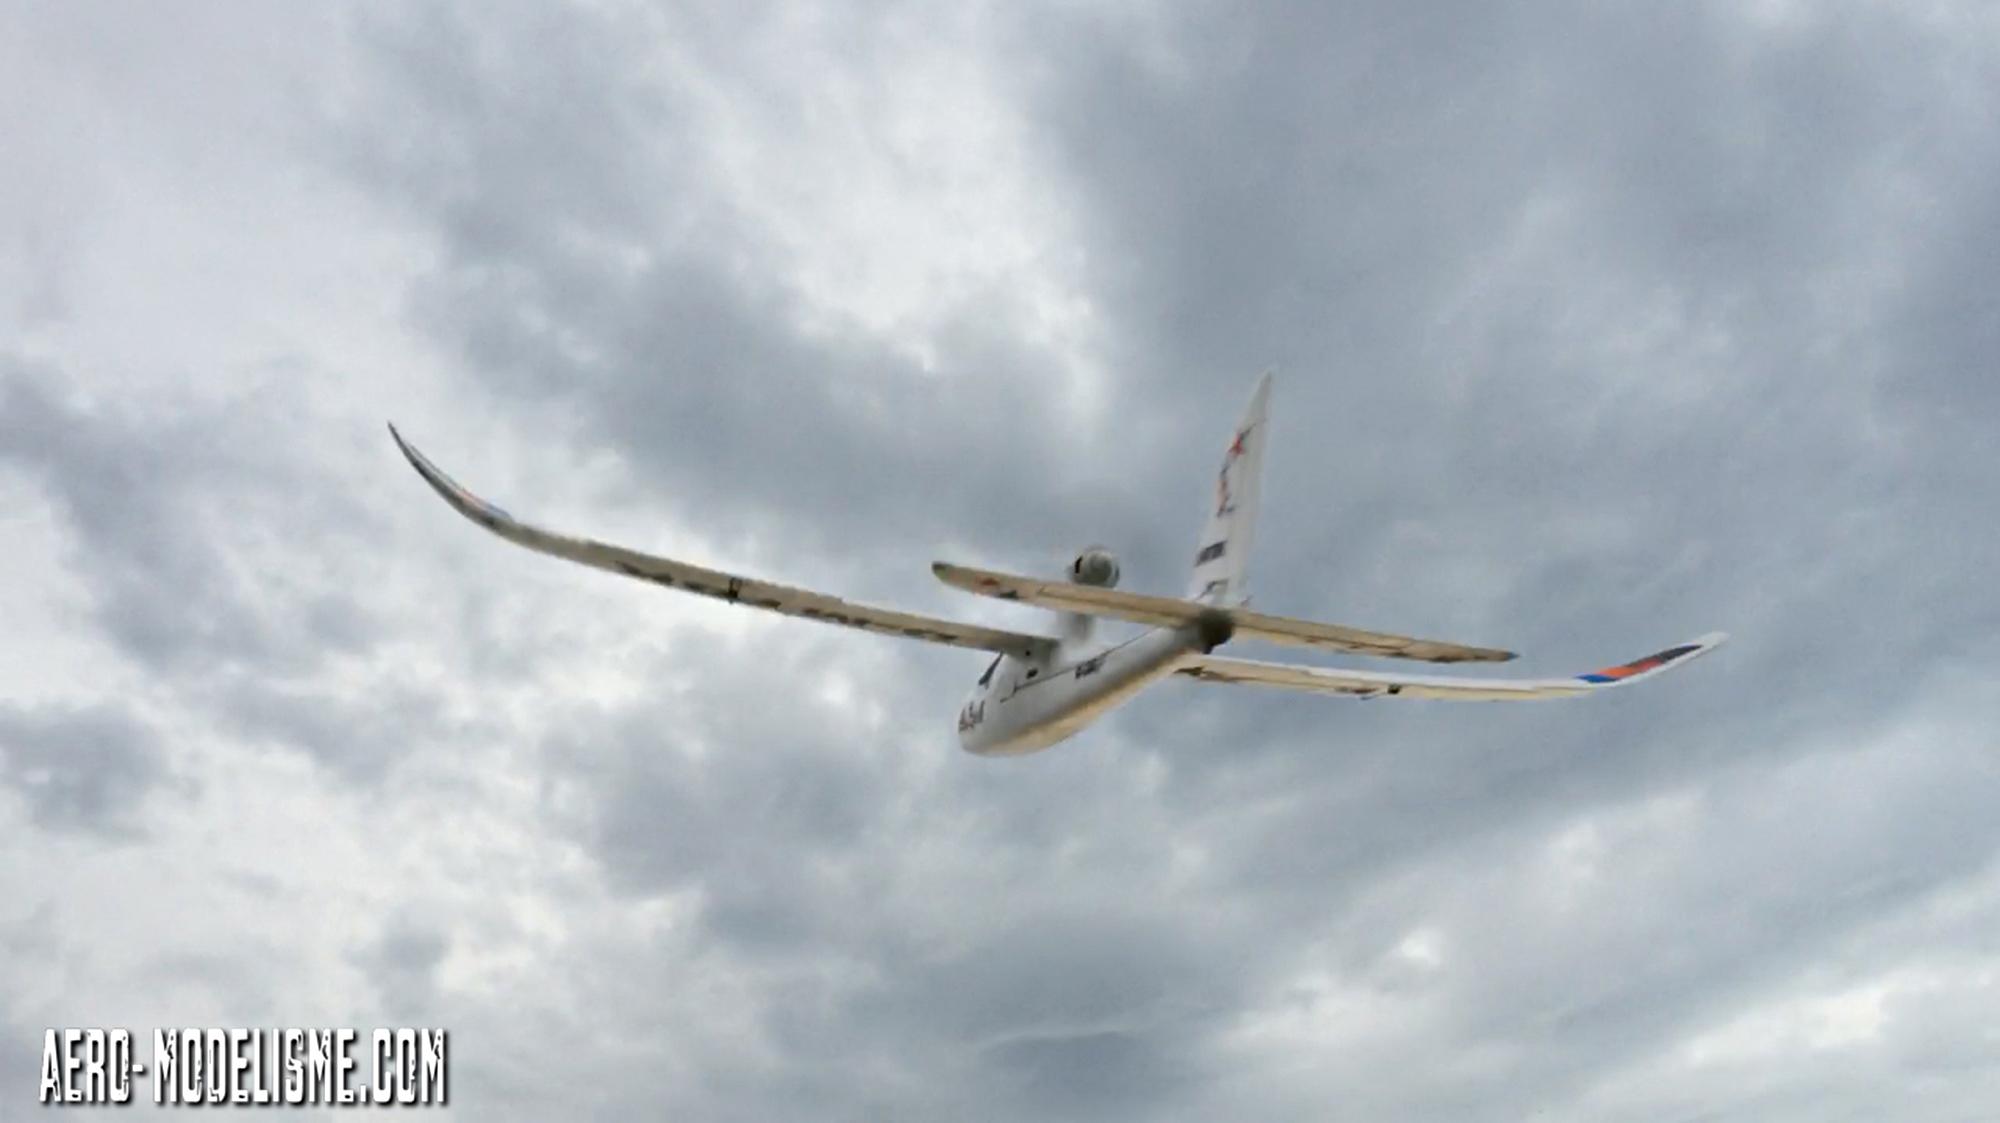 Essais de l'EasyStar 2, avion radiocommandé pour débutant de Multiplex.